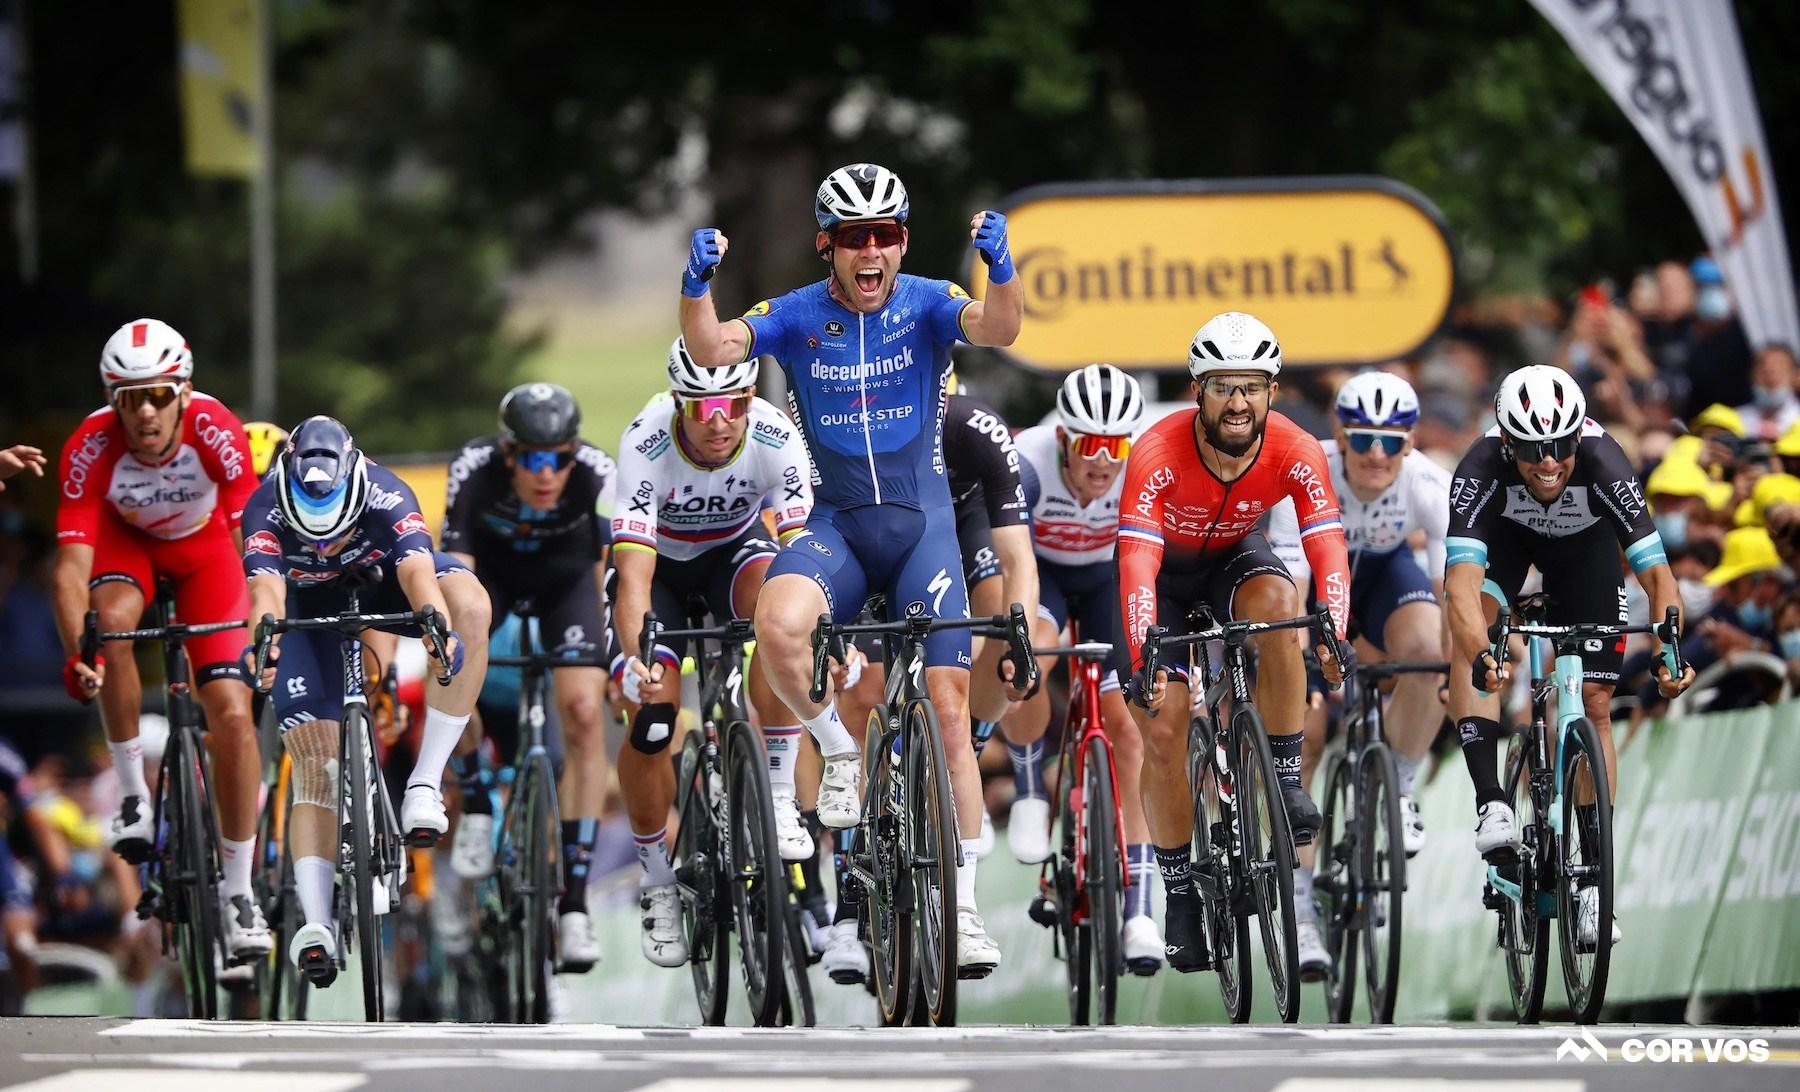 Mark Cavendish Stage 4 Tour de France Fougeres